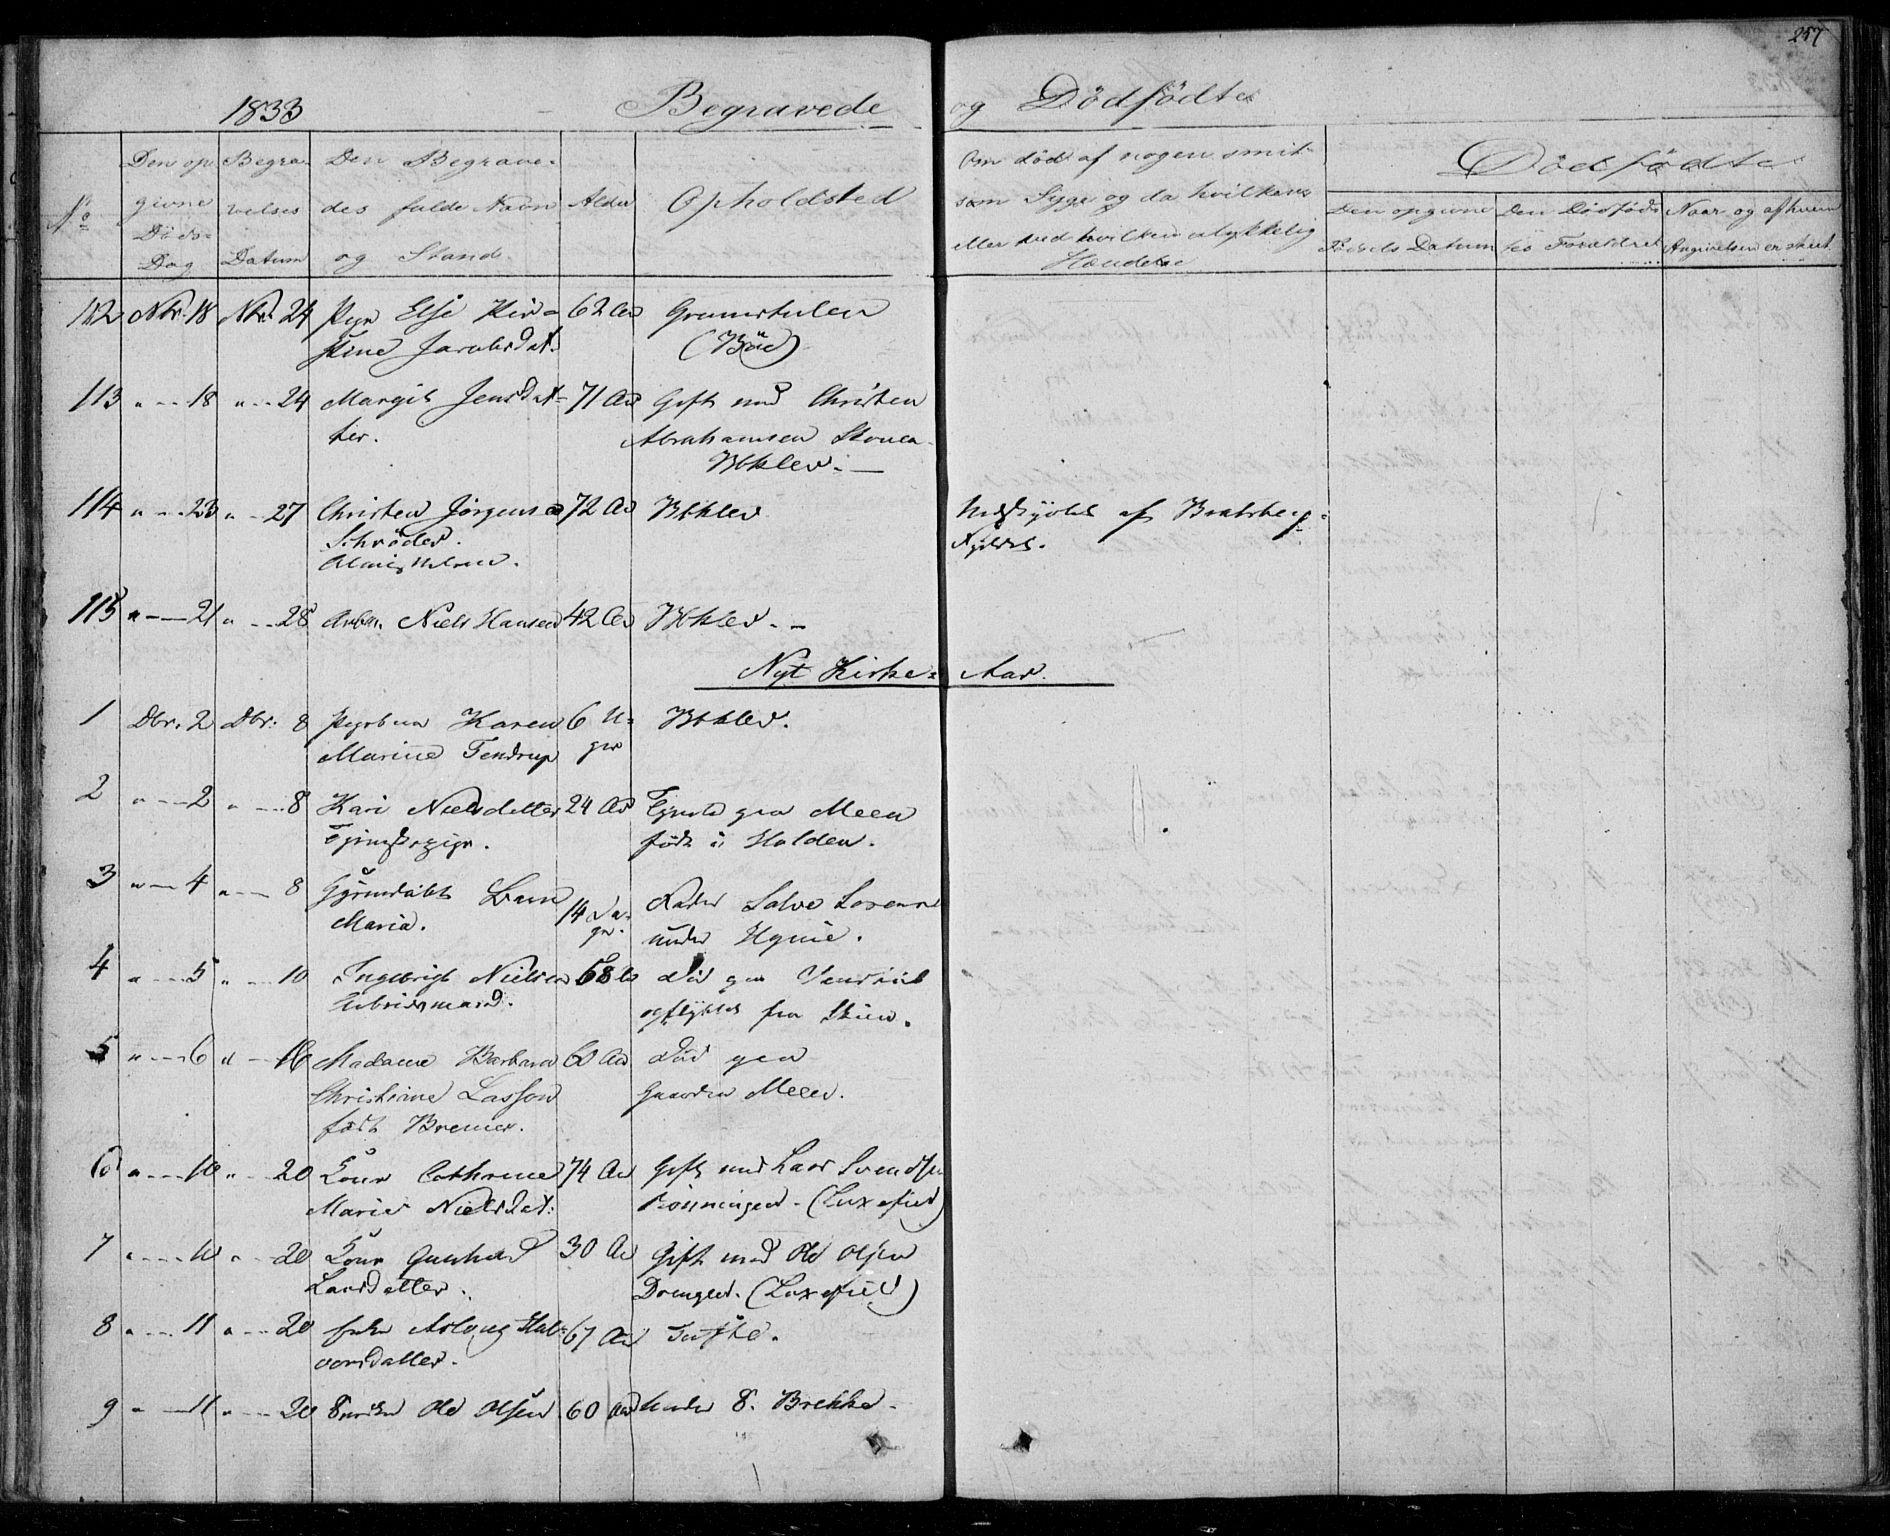 SAKO, Gjerpen kirkebøker, F/Fa/L0006: Ministerialbok nr. 6, 1829-1834, s. 257